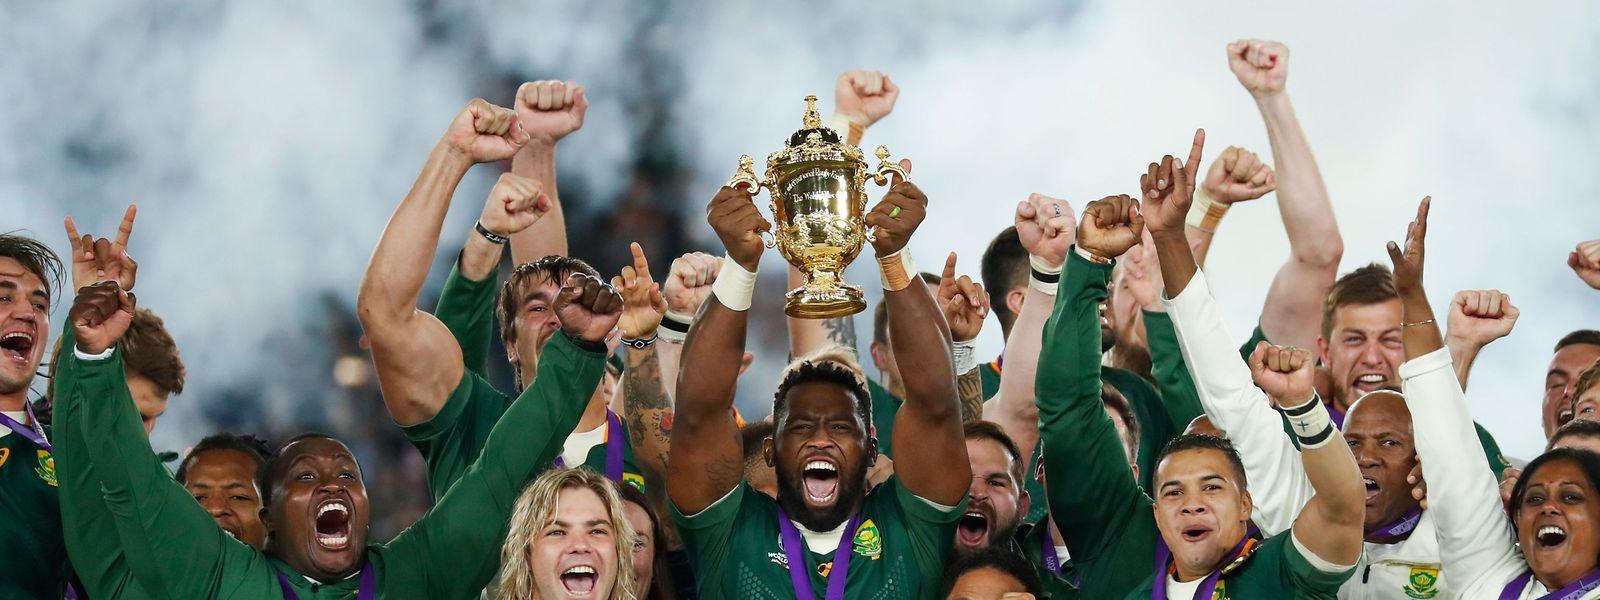 Comme tous les 12 ans, les Boks ont répondu présent pour remporter leur troisième Coupe du monde..